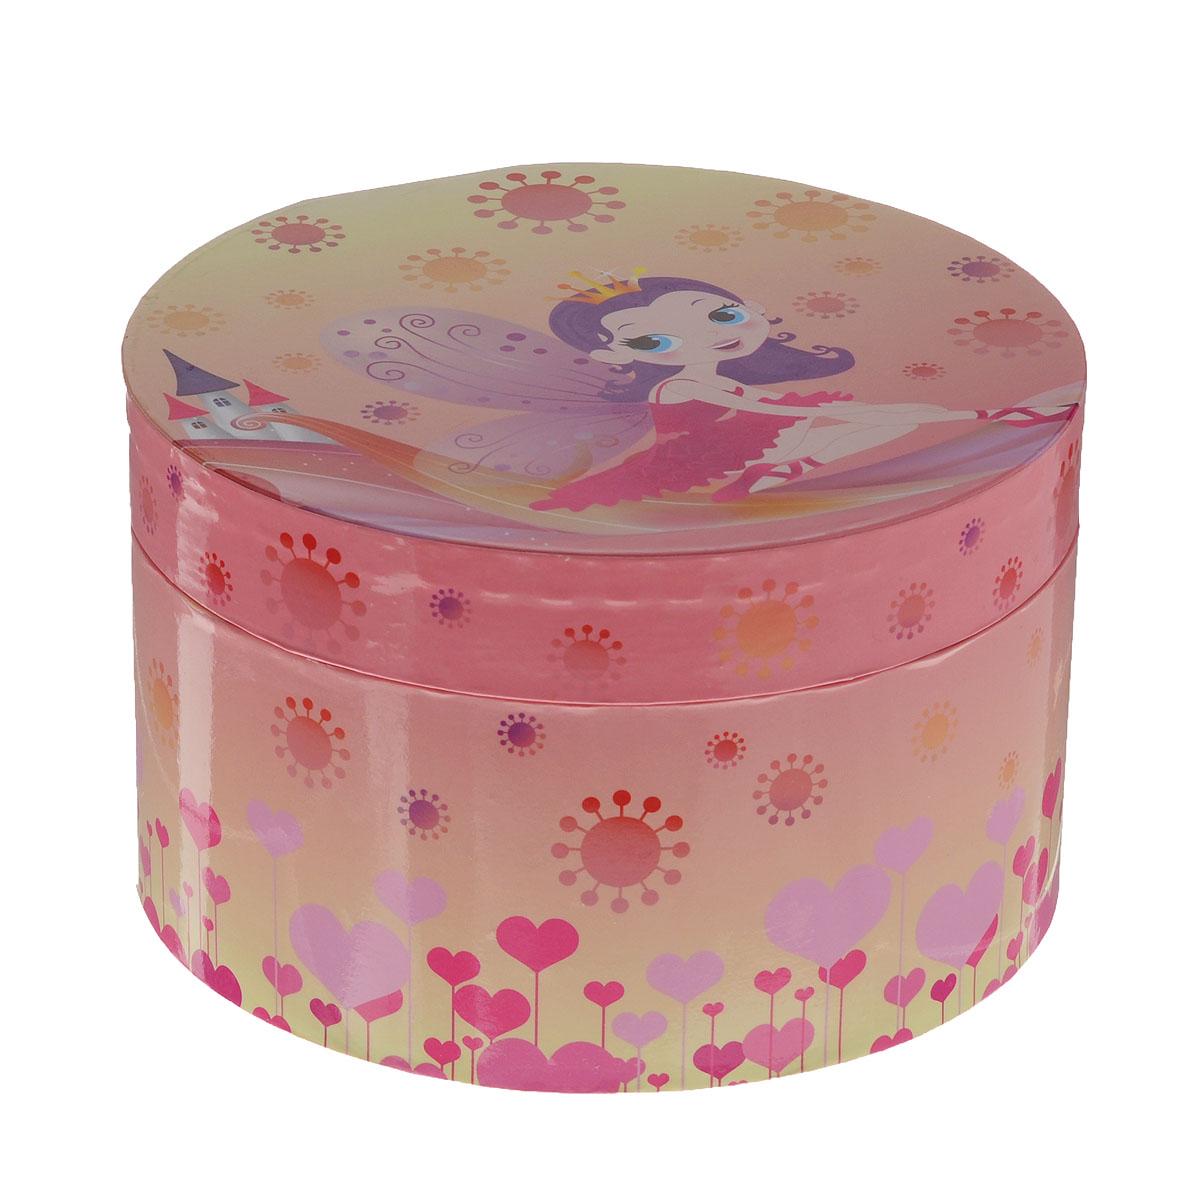 Музыкальная шкатулка Jakos  Принцесса , цвет: розовый, желтый -  Предметы интерьера